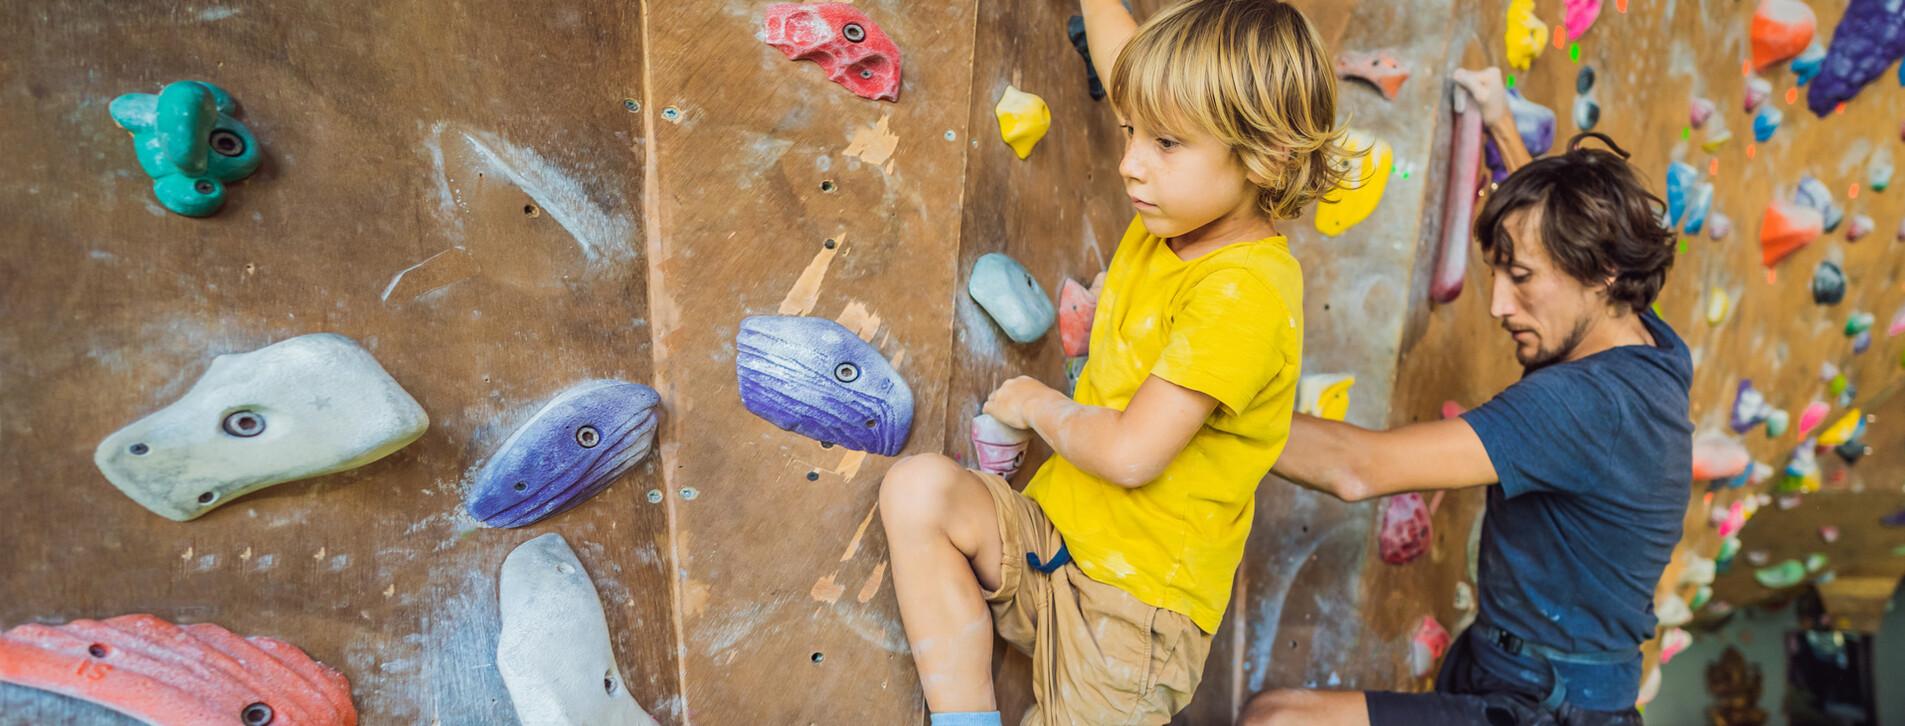 Fotoğraf - Aile için Tırmanış Eğitimi